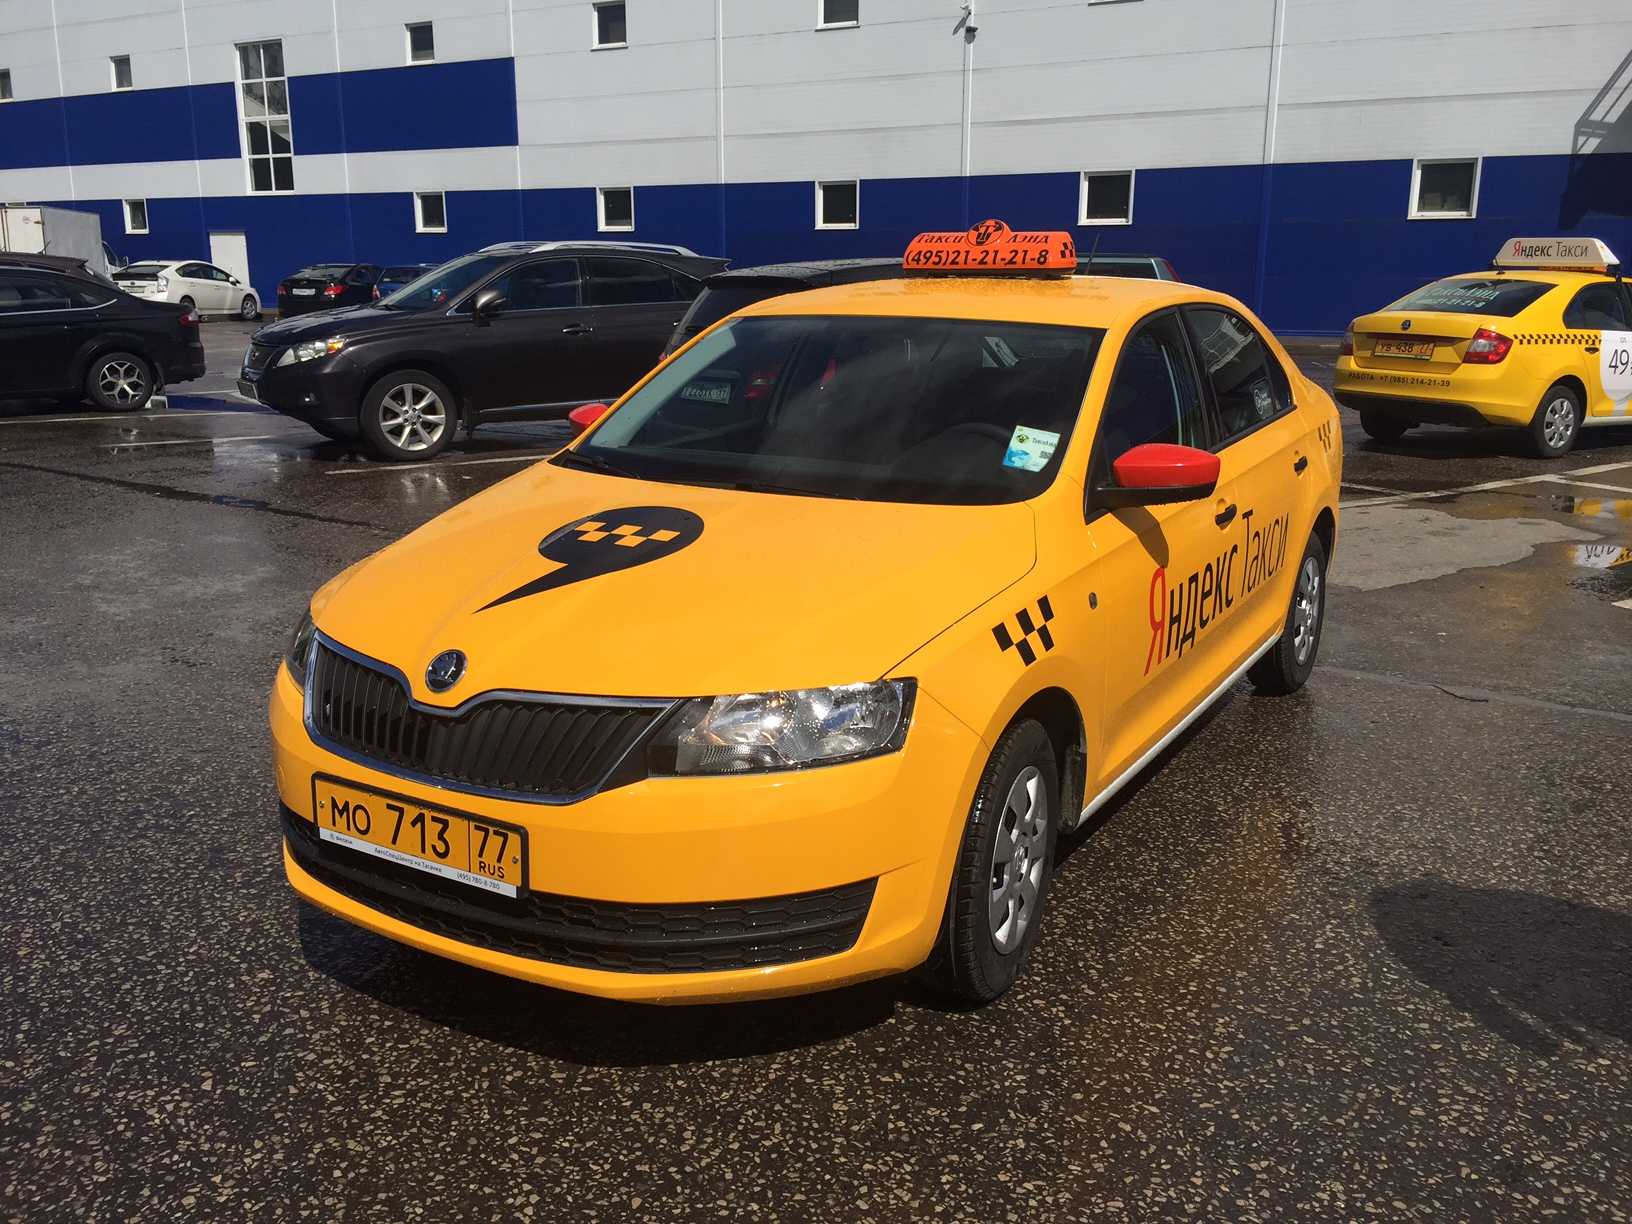 картинки желтого такси расставаться невинностью английская